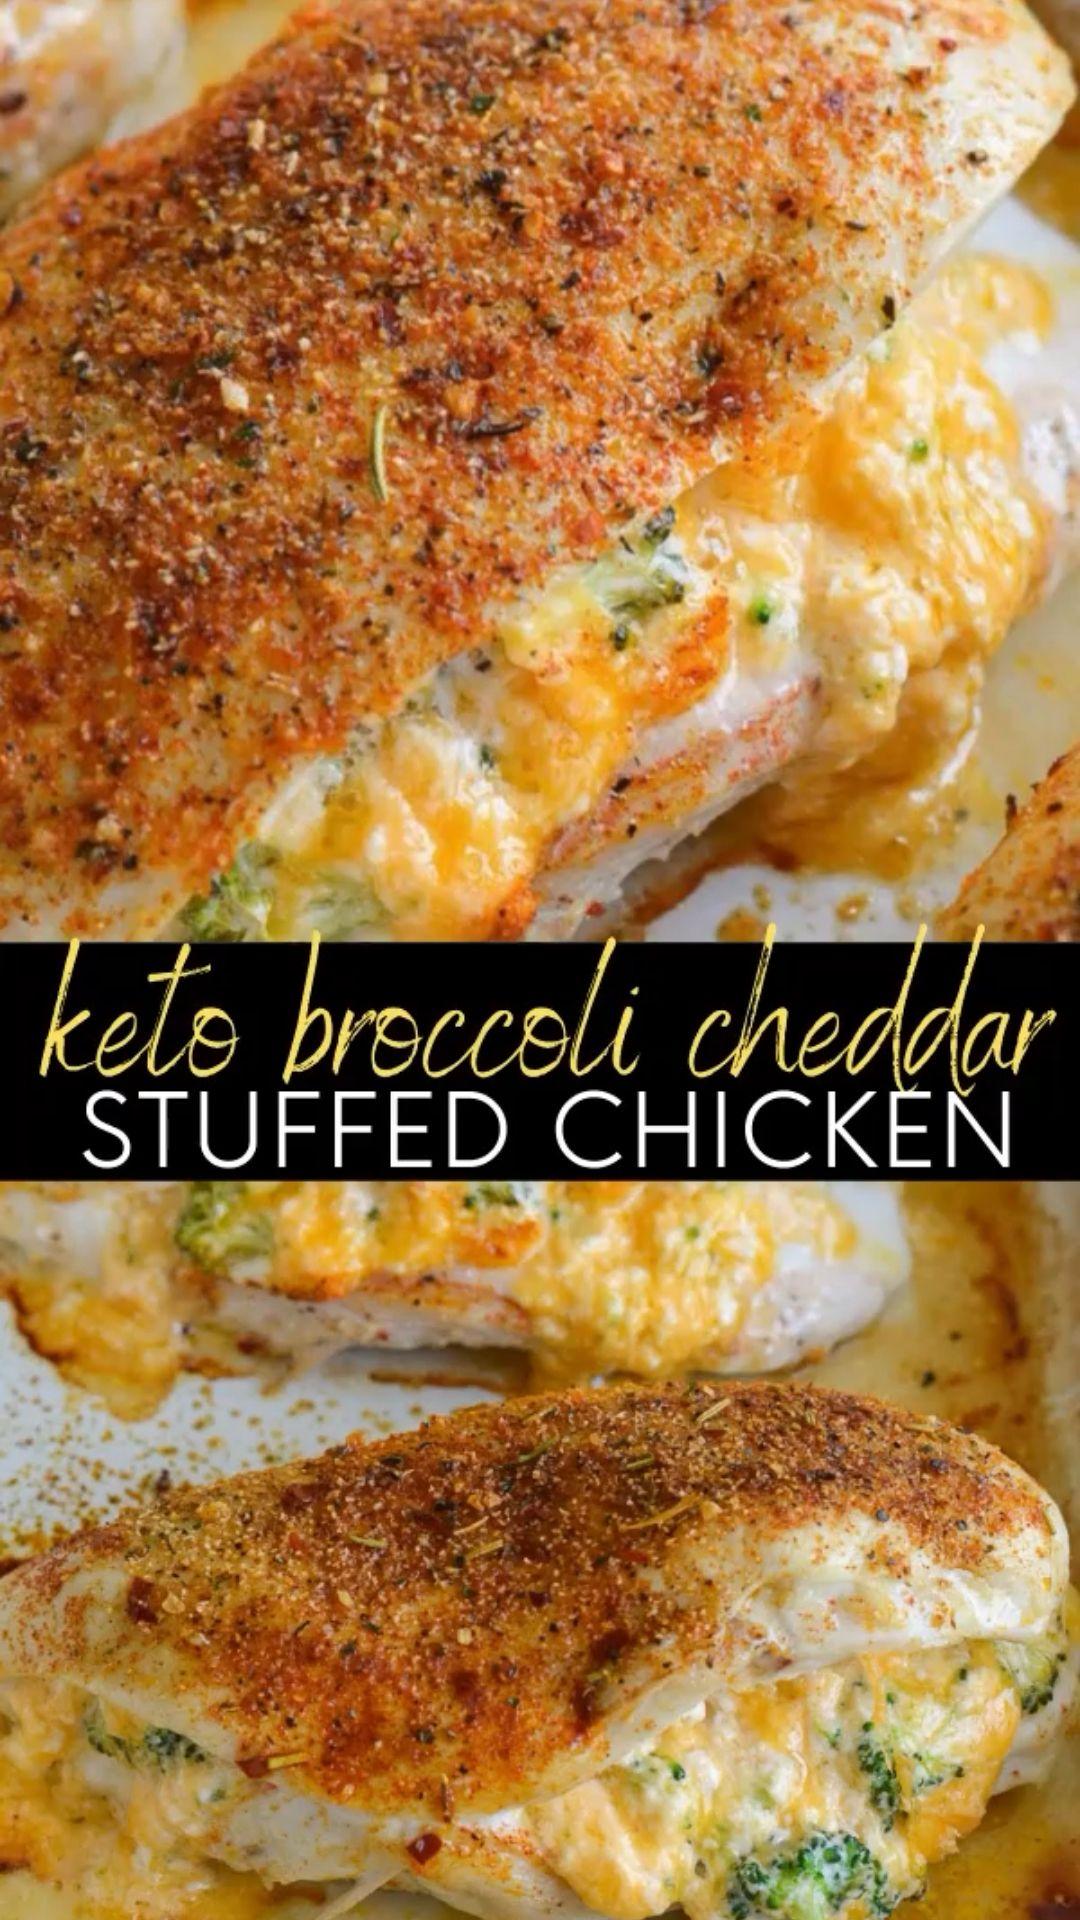 Keto Broccoli Stuffed Chicken Recipe.